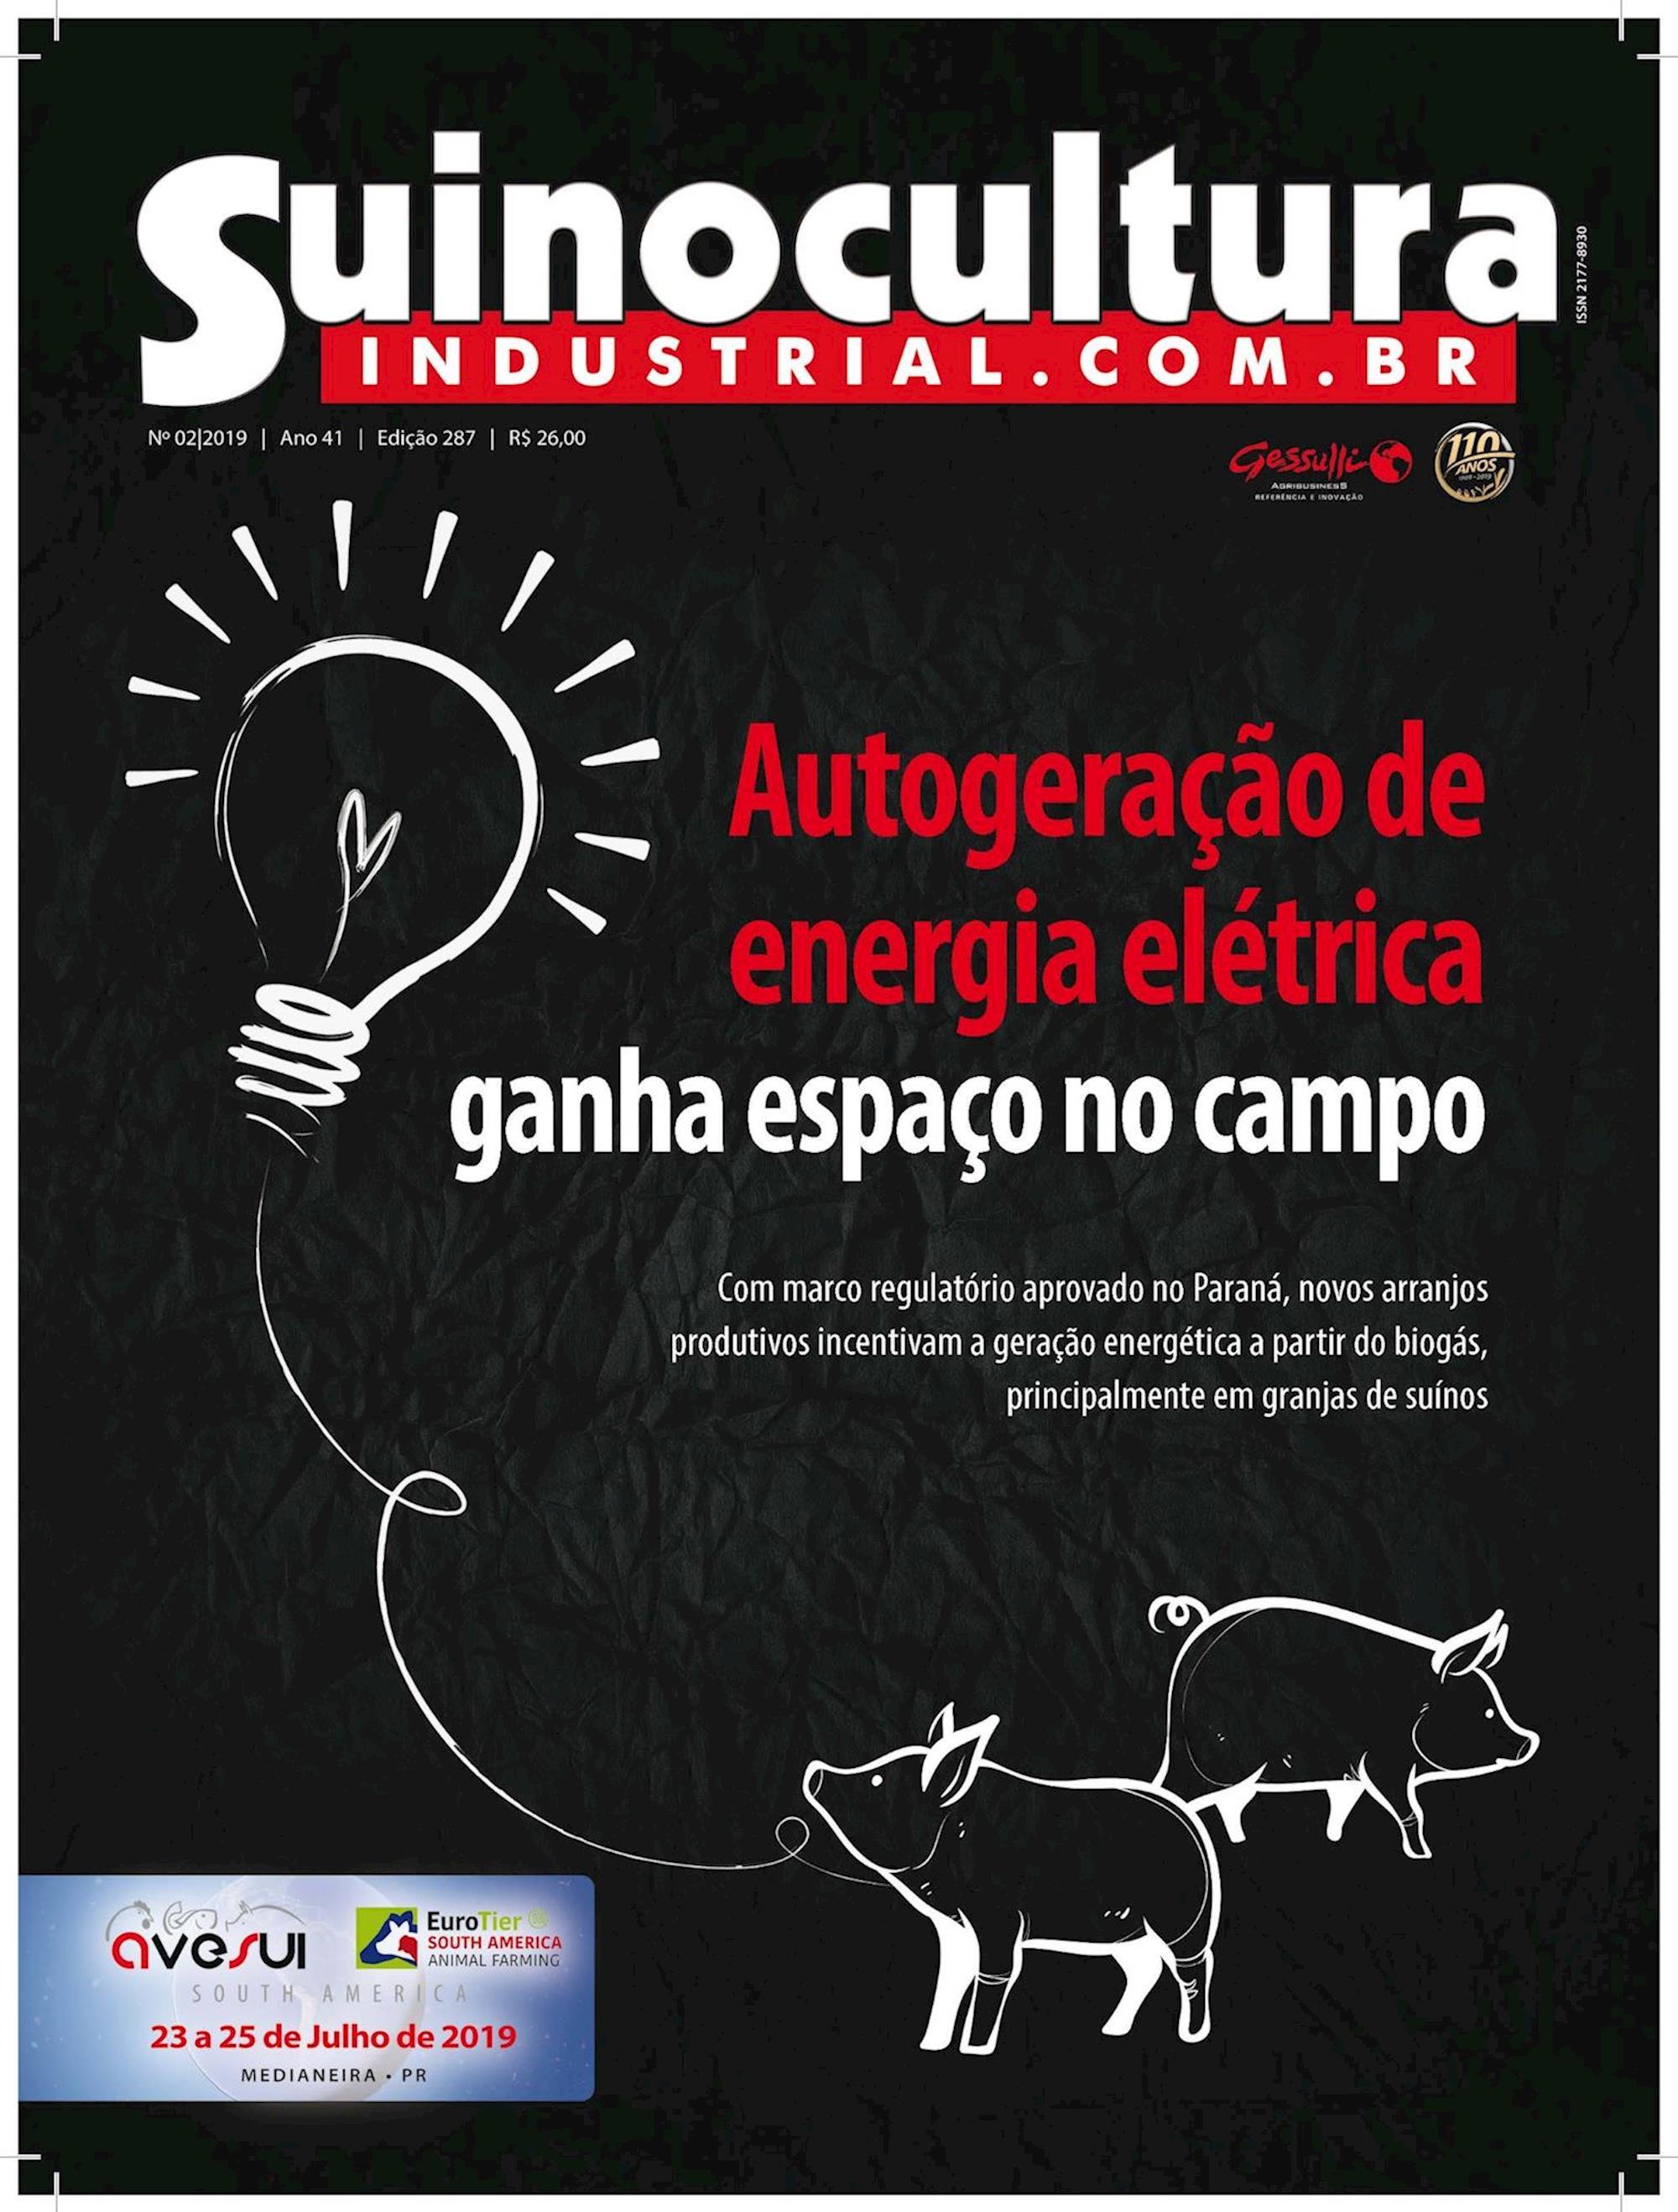 si287, suinocultura 2019, edição,